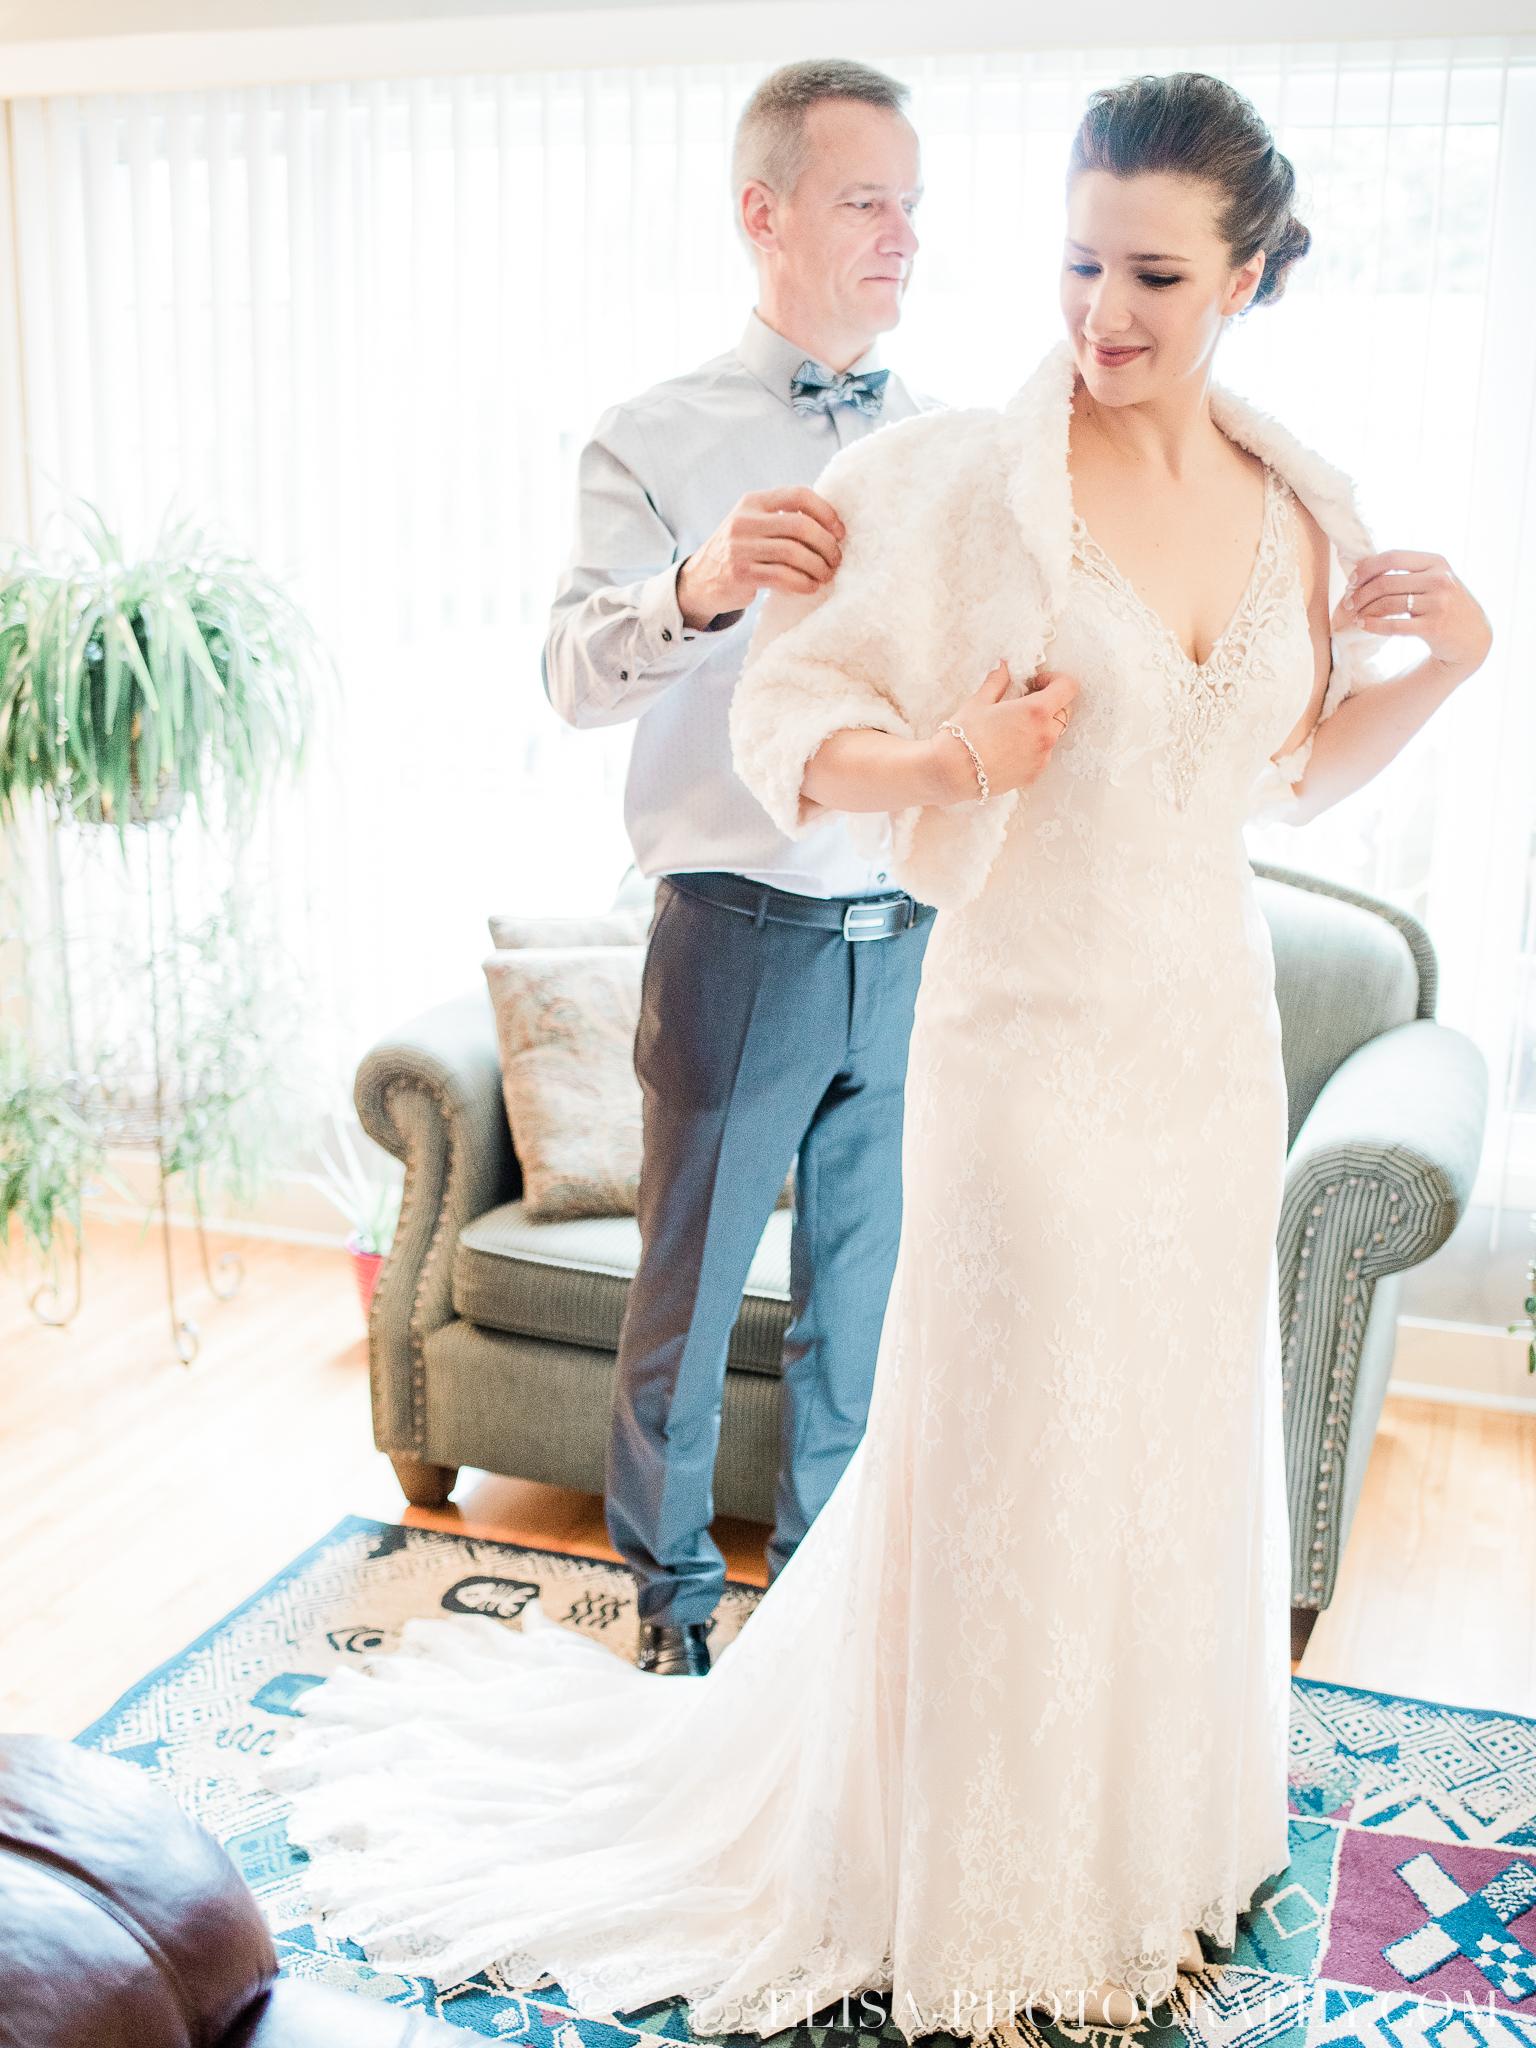 photo mariage ville quebec automne preparatif mariee robe bagues soulier 7250 - Mariage au Golf de Cap-Rouge, ville de Québec: Stéphanie & William